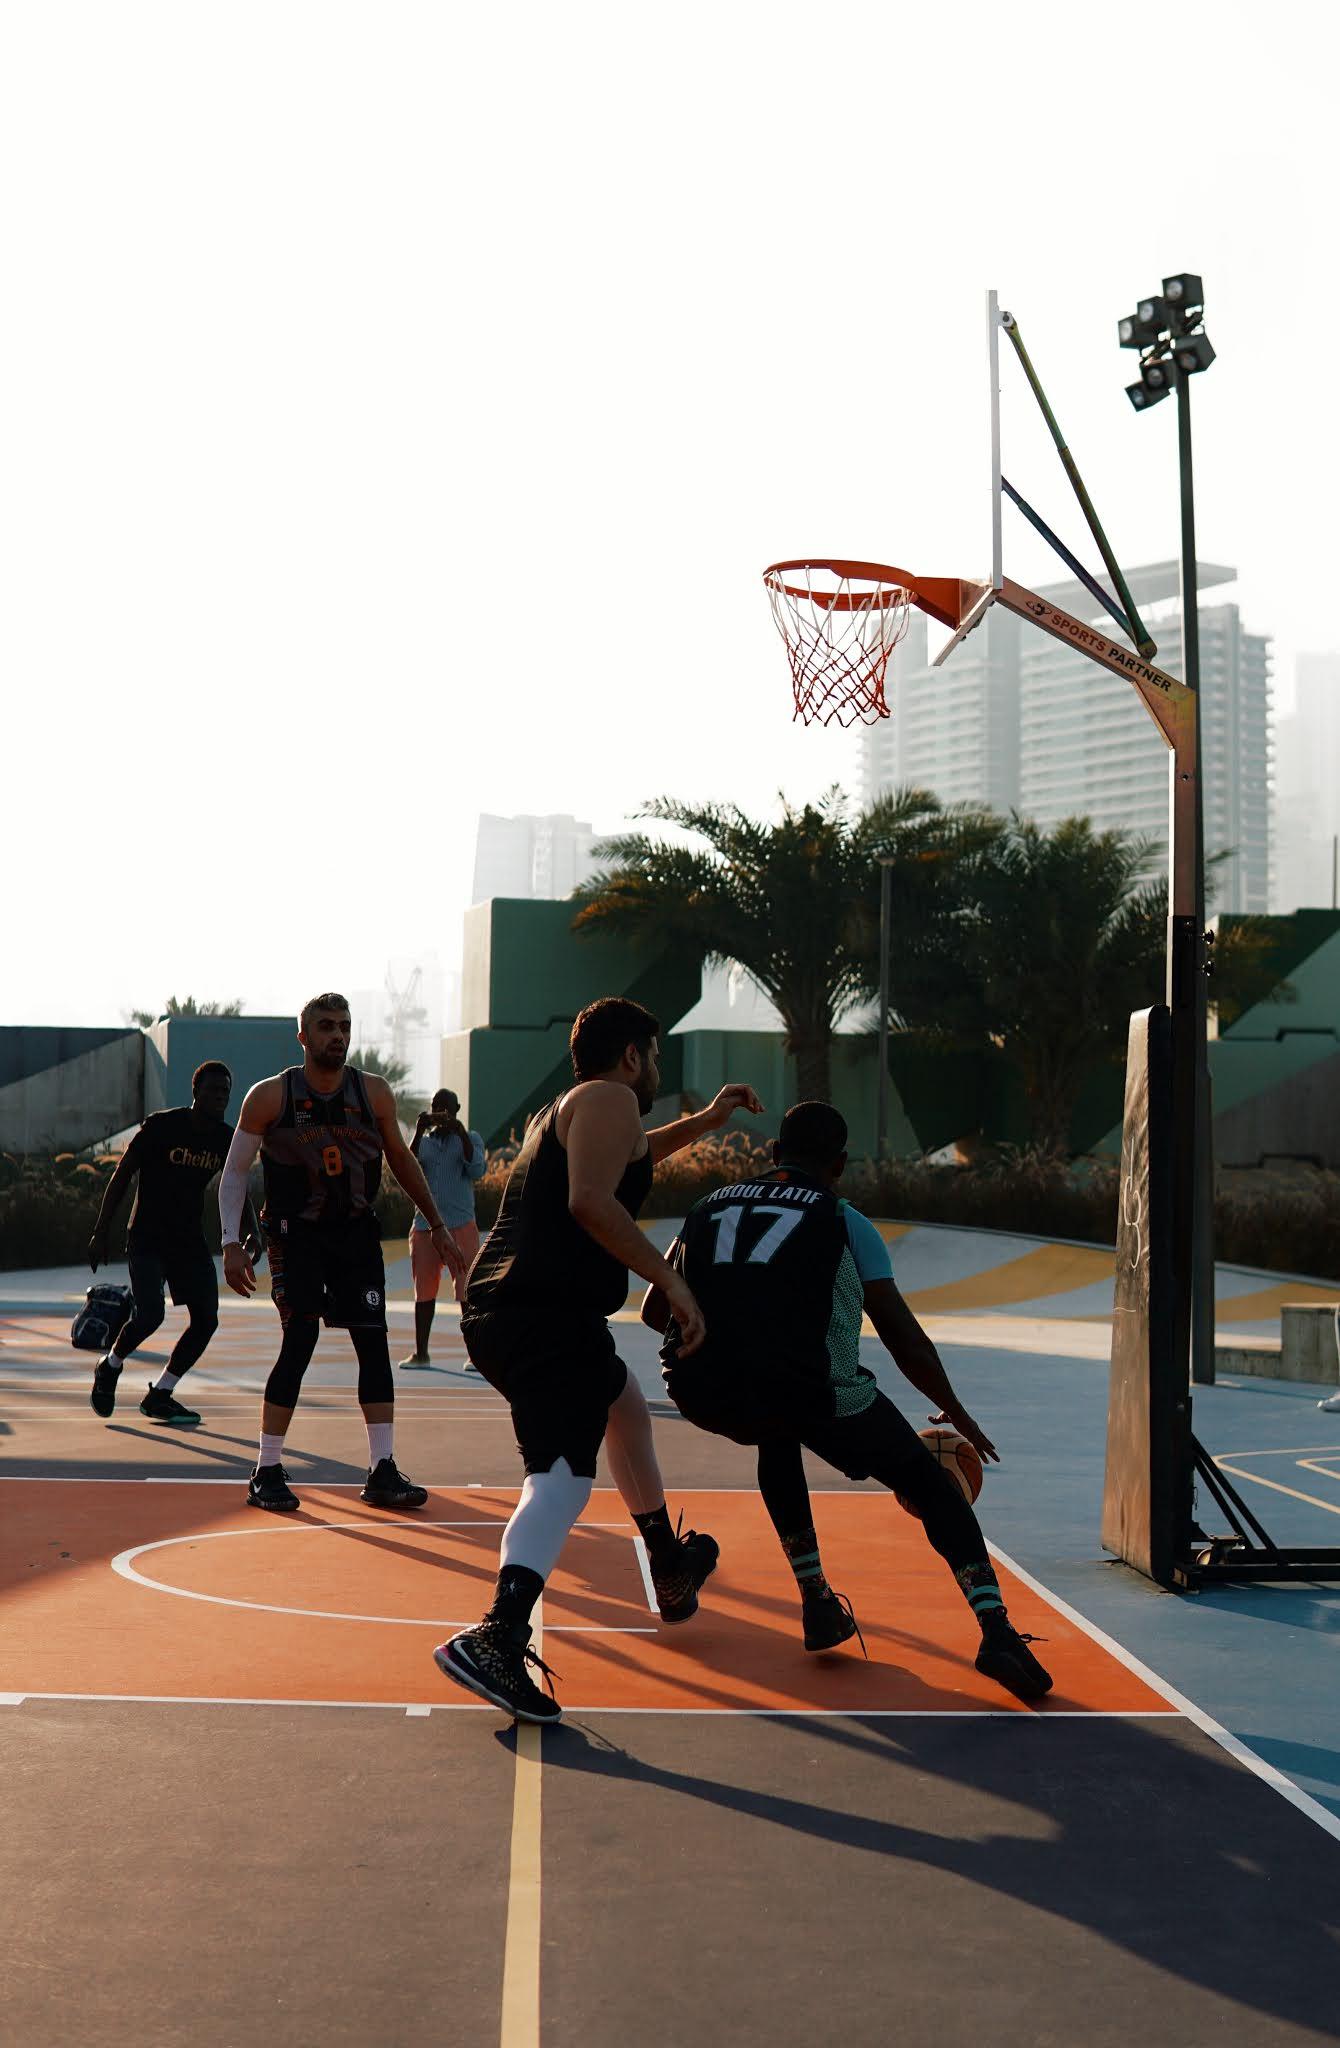 Manfaat Olahraga Basket